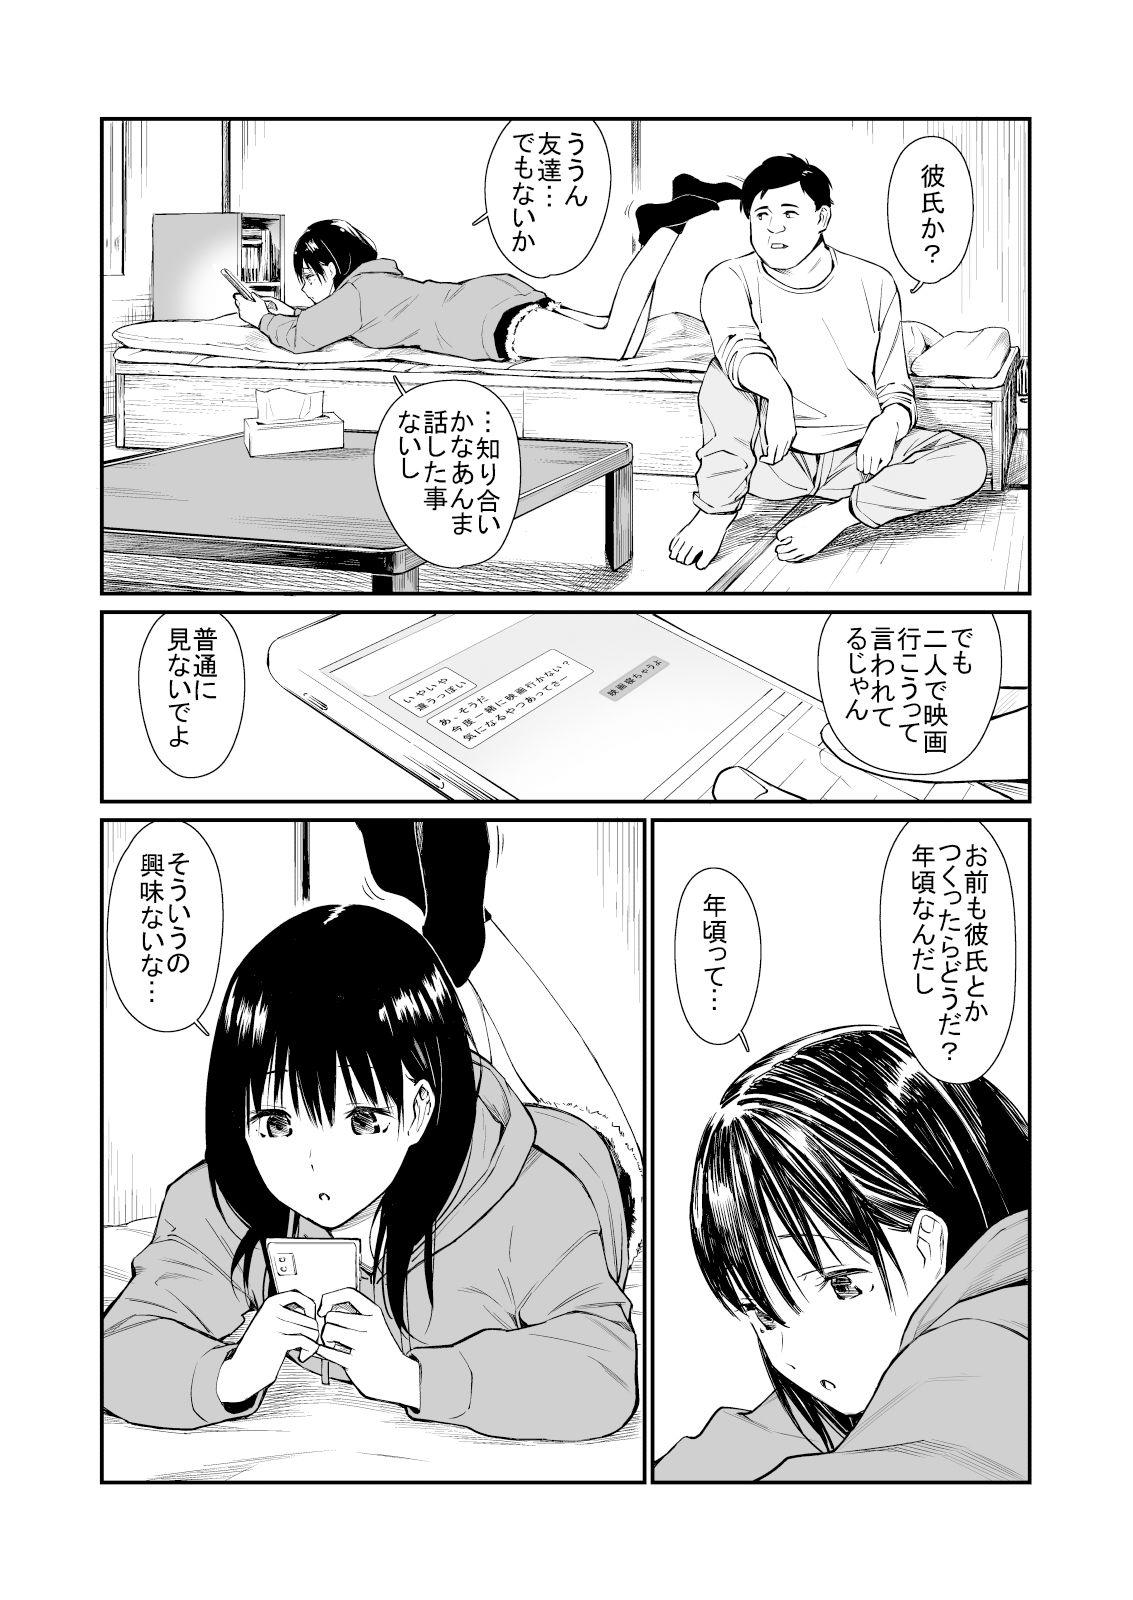 【エロ漫画無料大全集】【近親相姦】とにかくやることがないので可愛い姪とセックスする叔父…